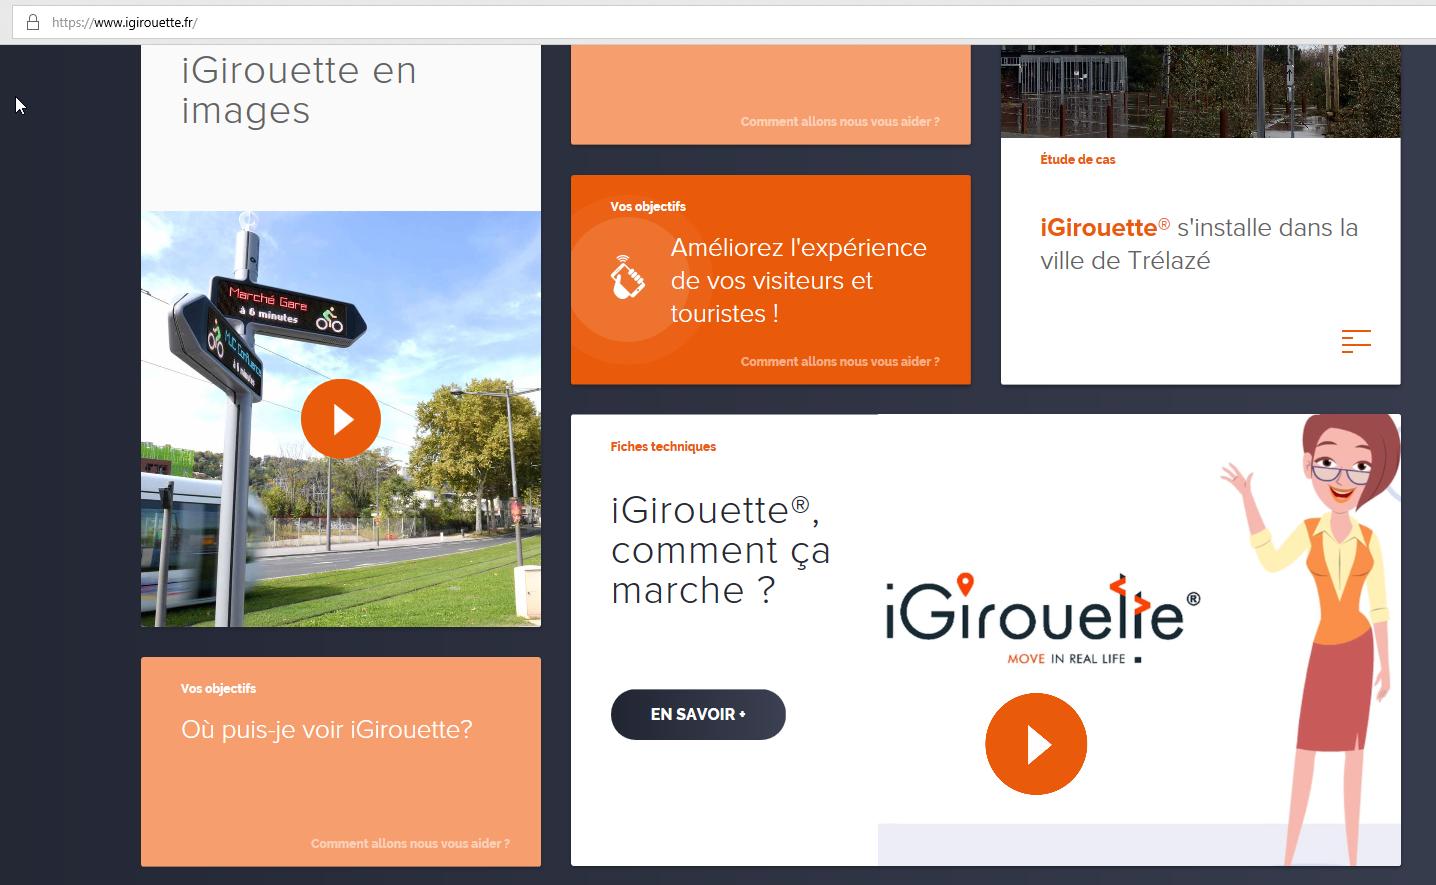 igirouette-site